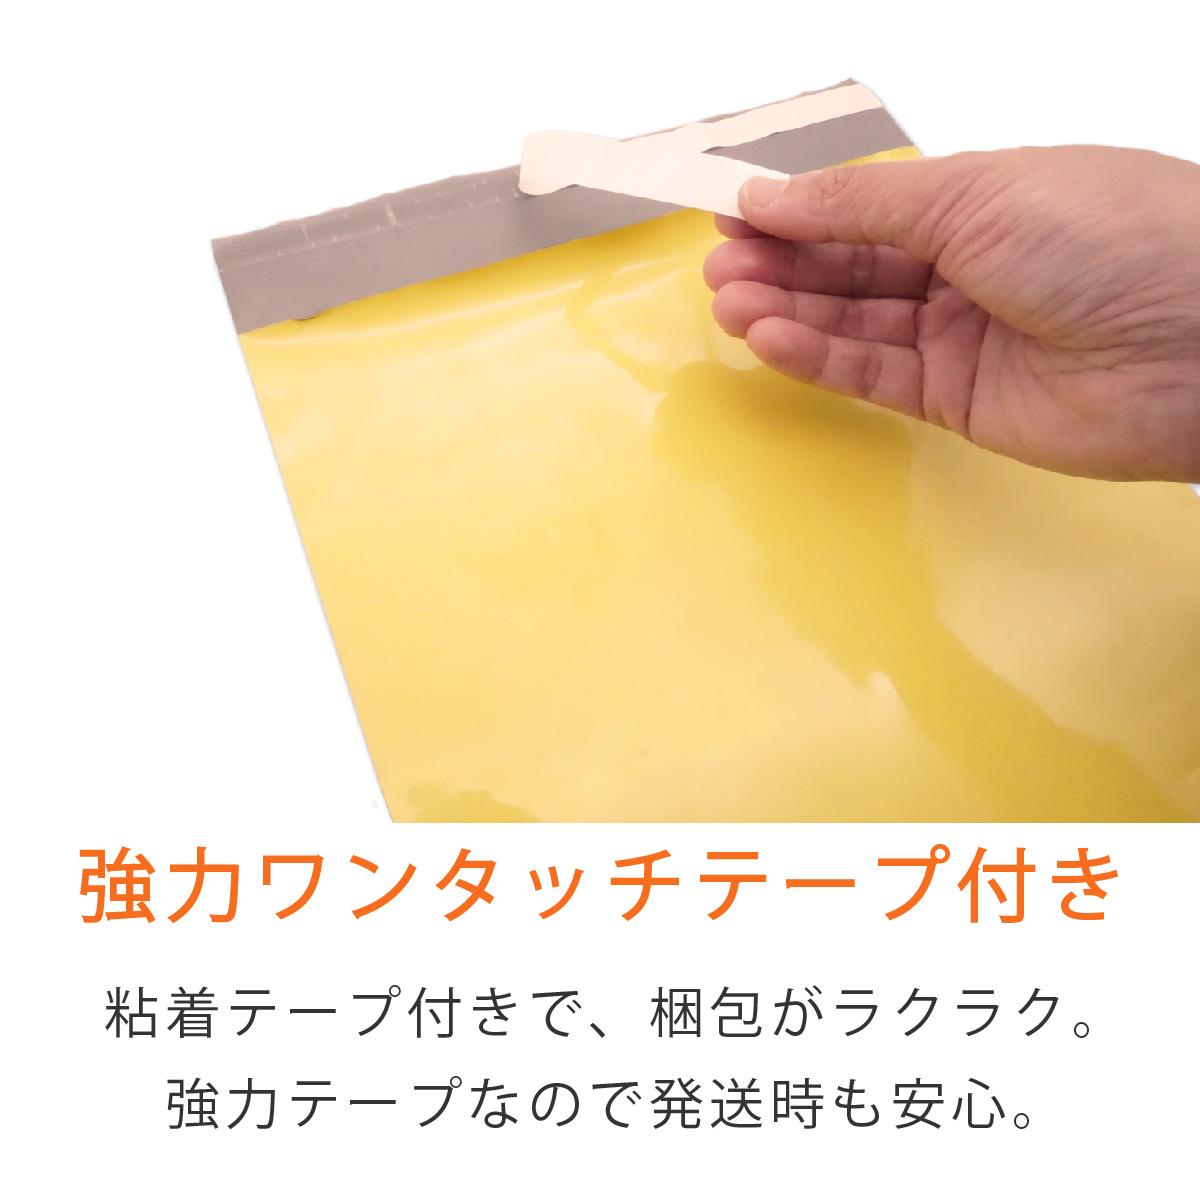 宅配ビニール袋 黄色